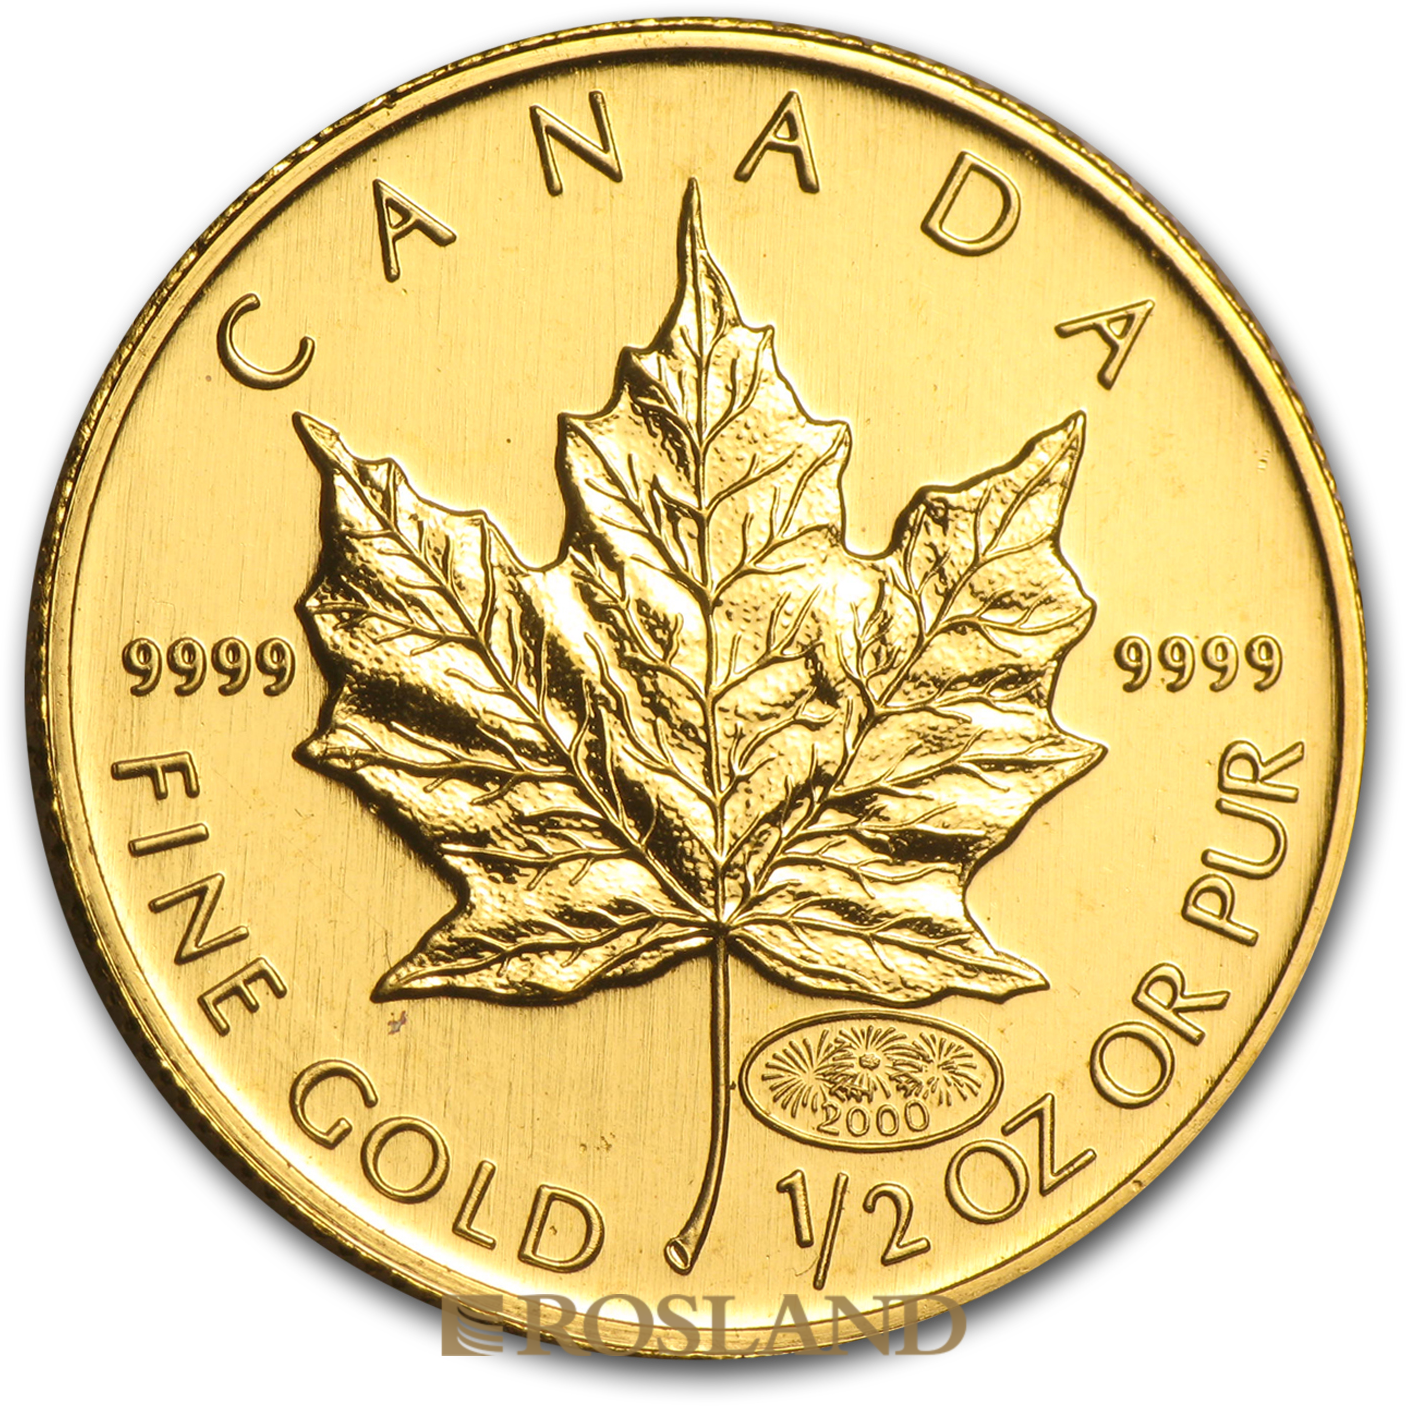 1/2 Unze Goldmünze Kanada Maple Leaf 2000 (Millenium Privy)